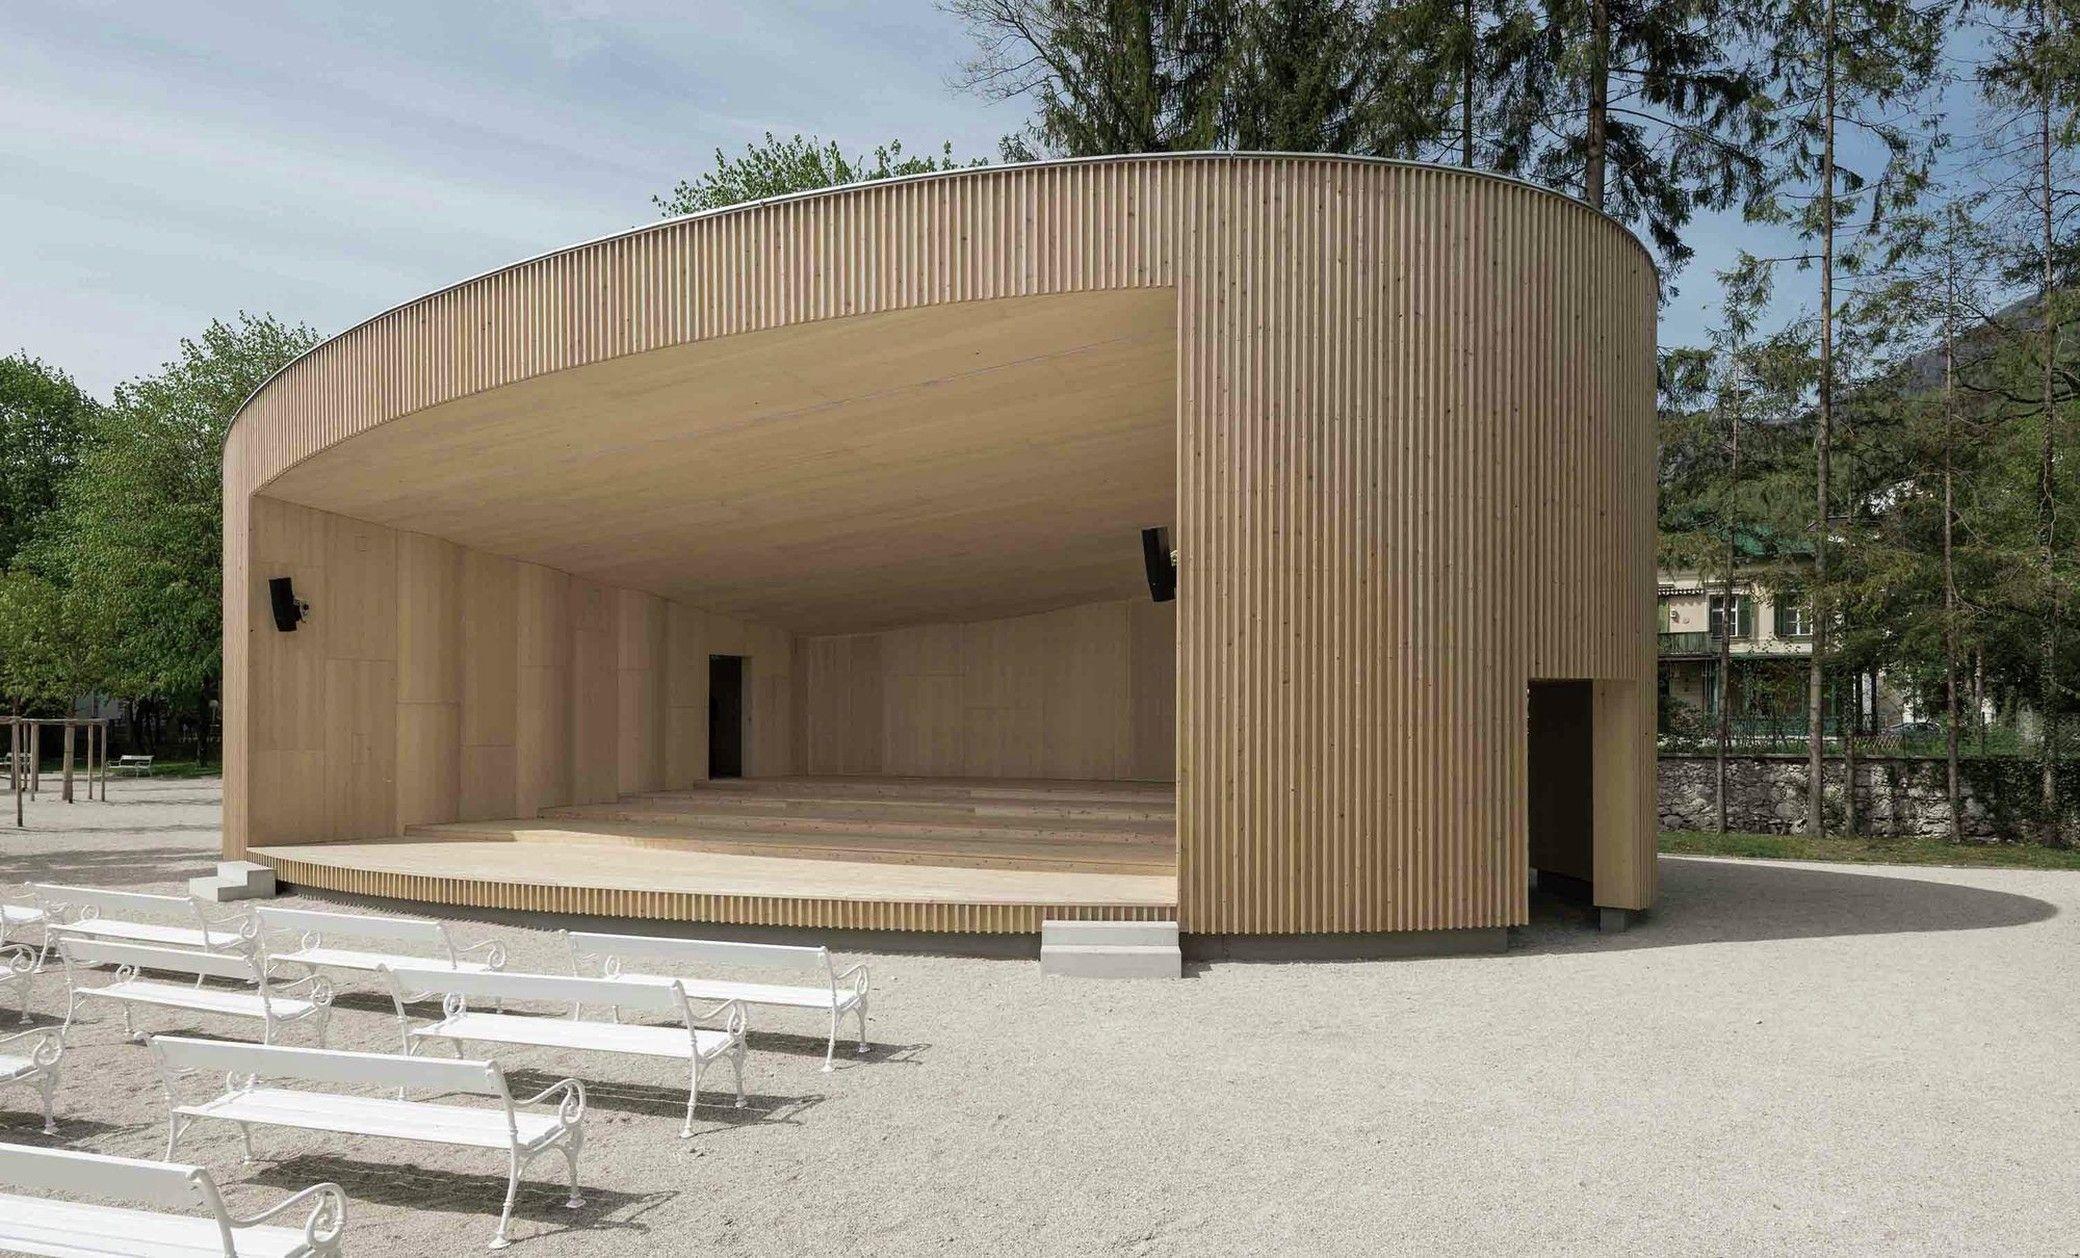 Music Pavilion Bad Ischl Landshaftnaya Arhitektura Arhitektura I